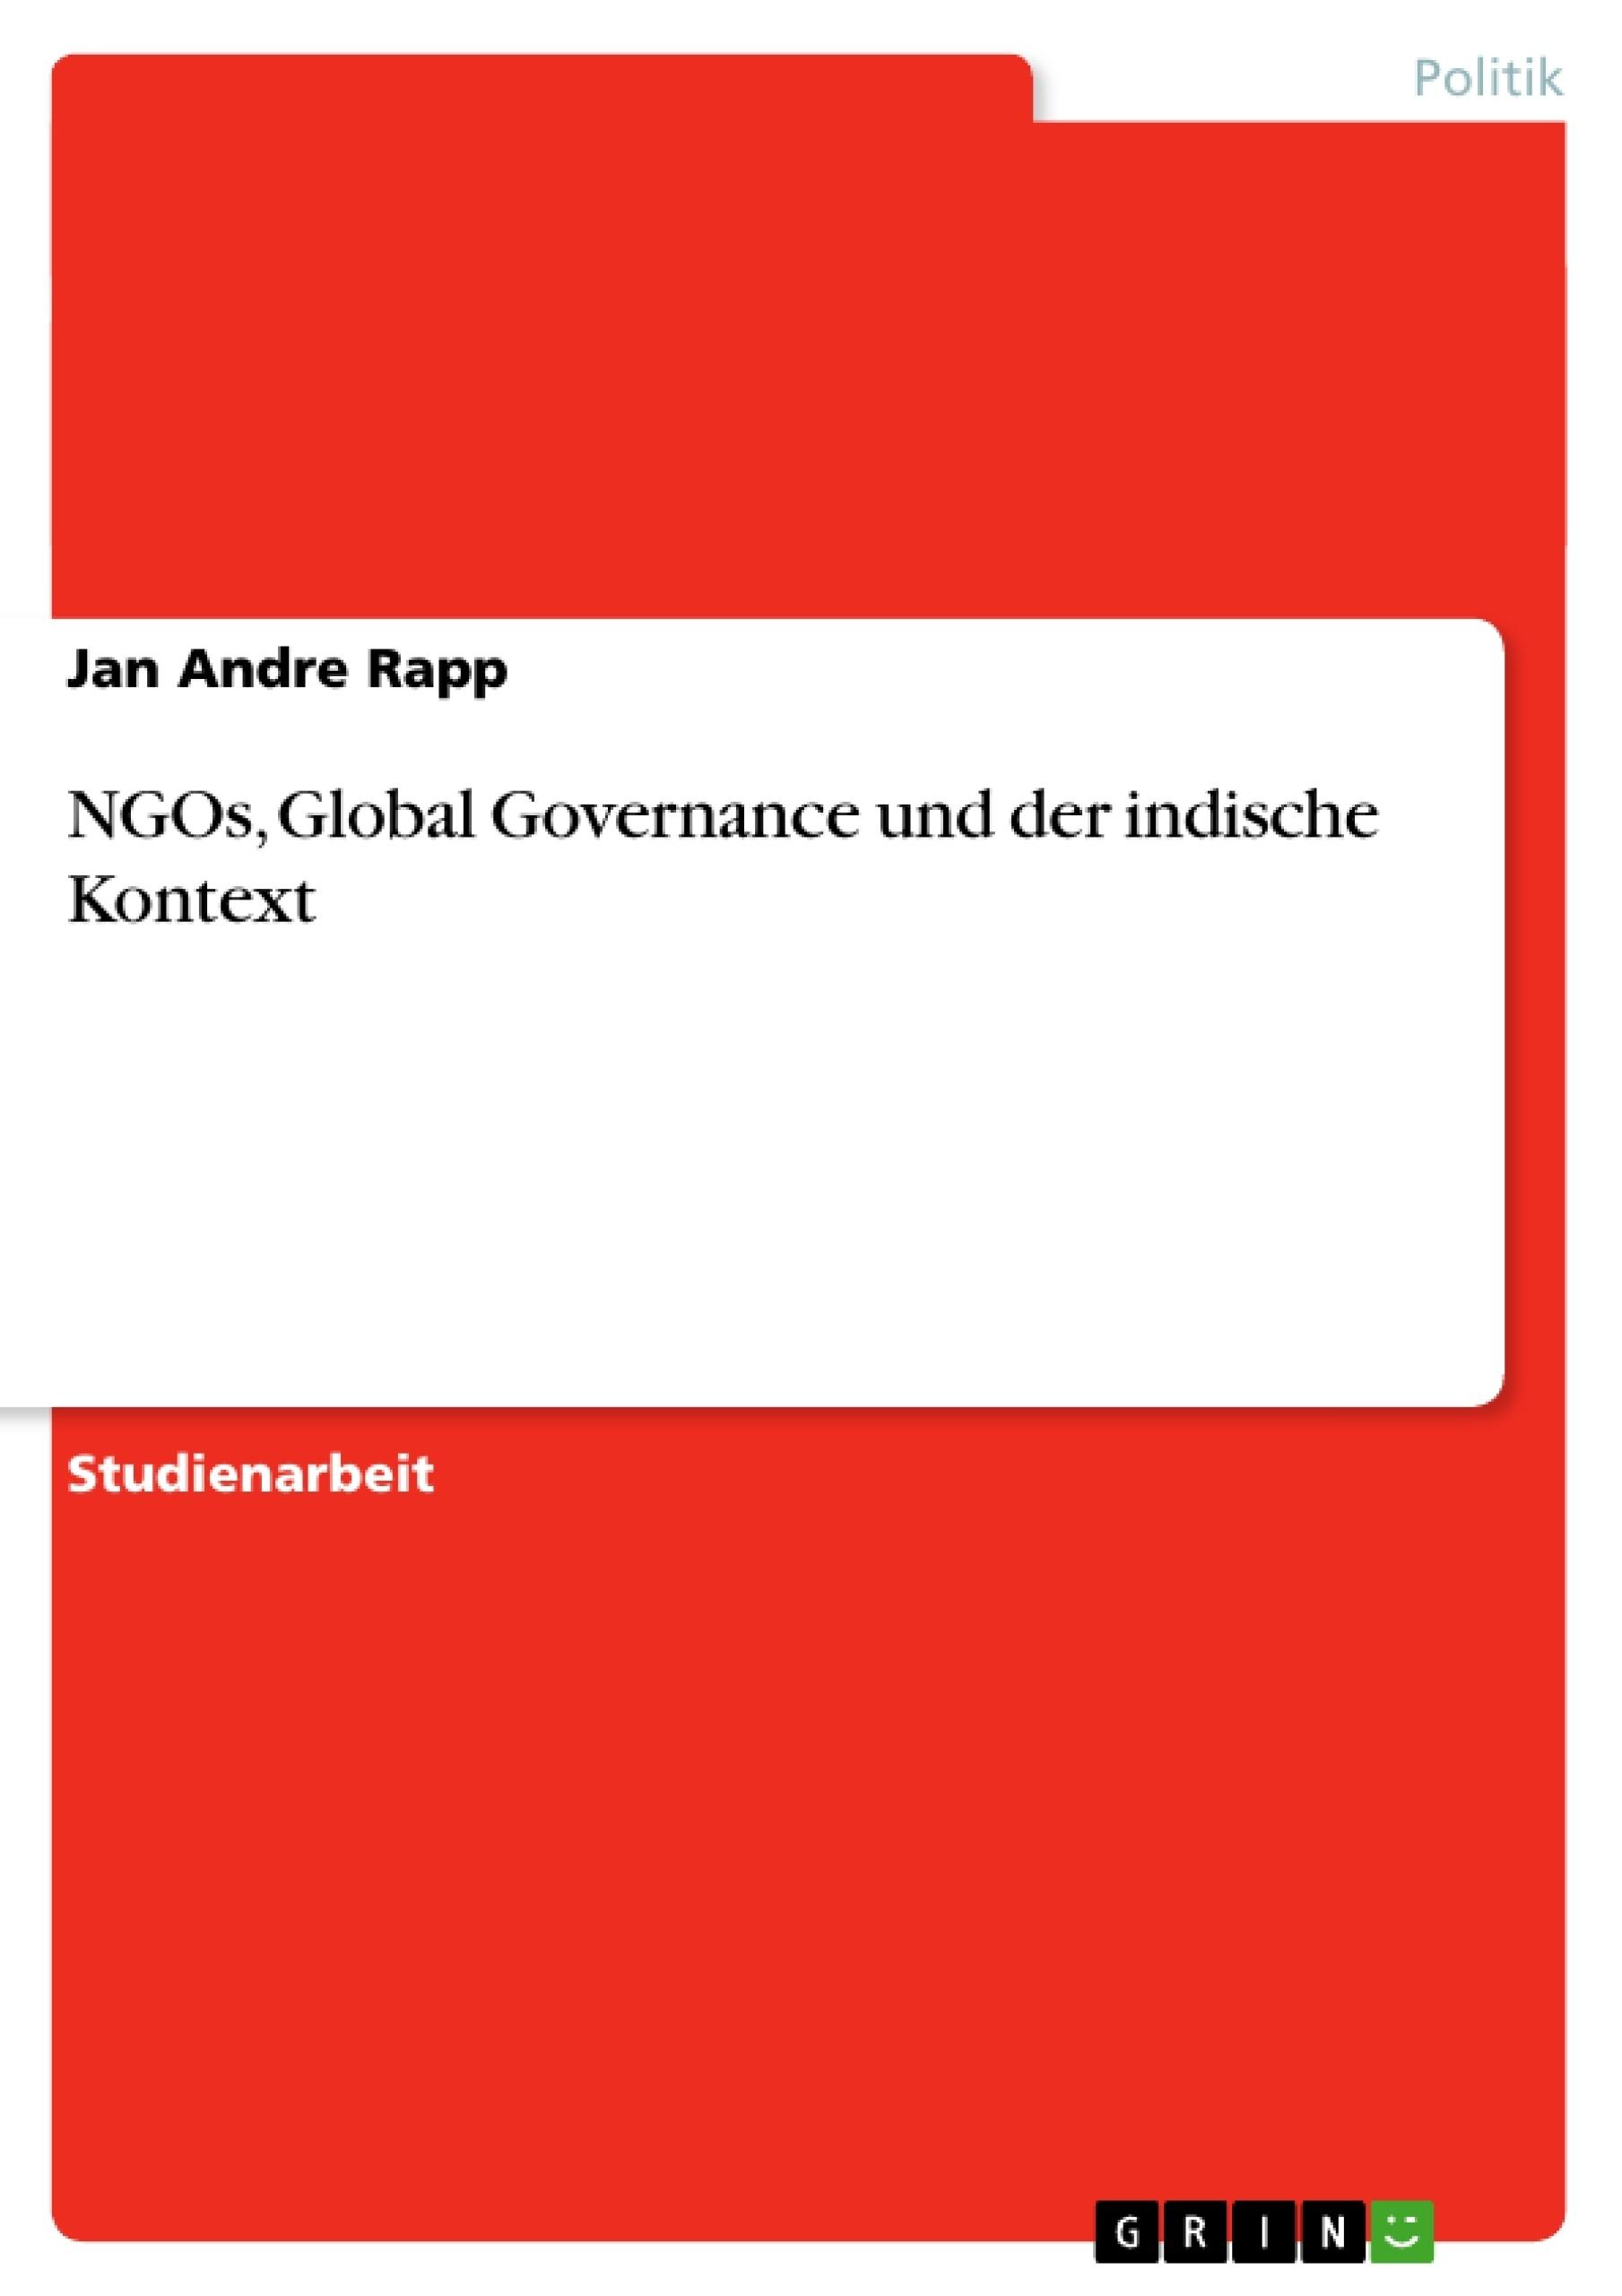 Titel: NGOs, Global Governance und der indische Kontext